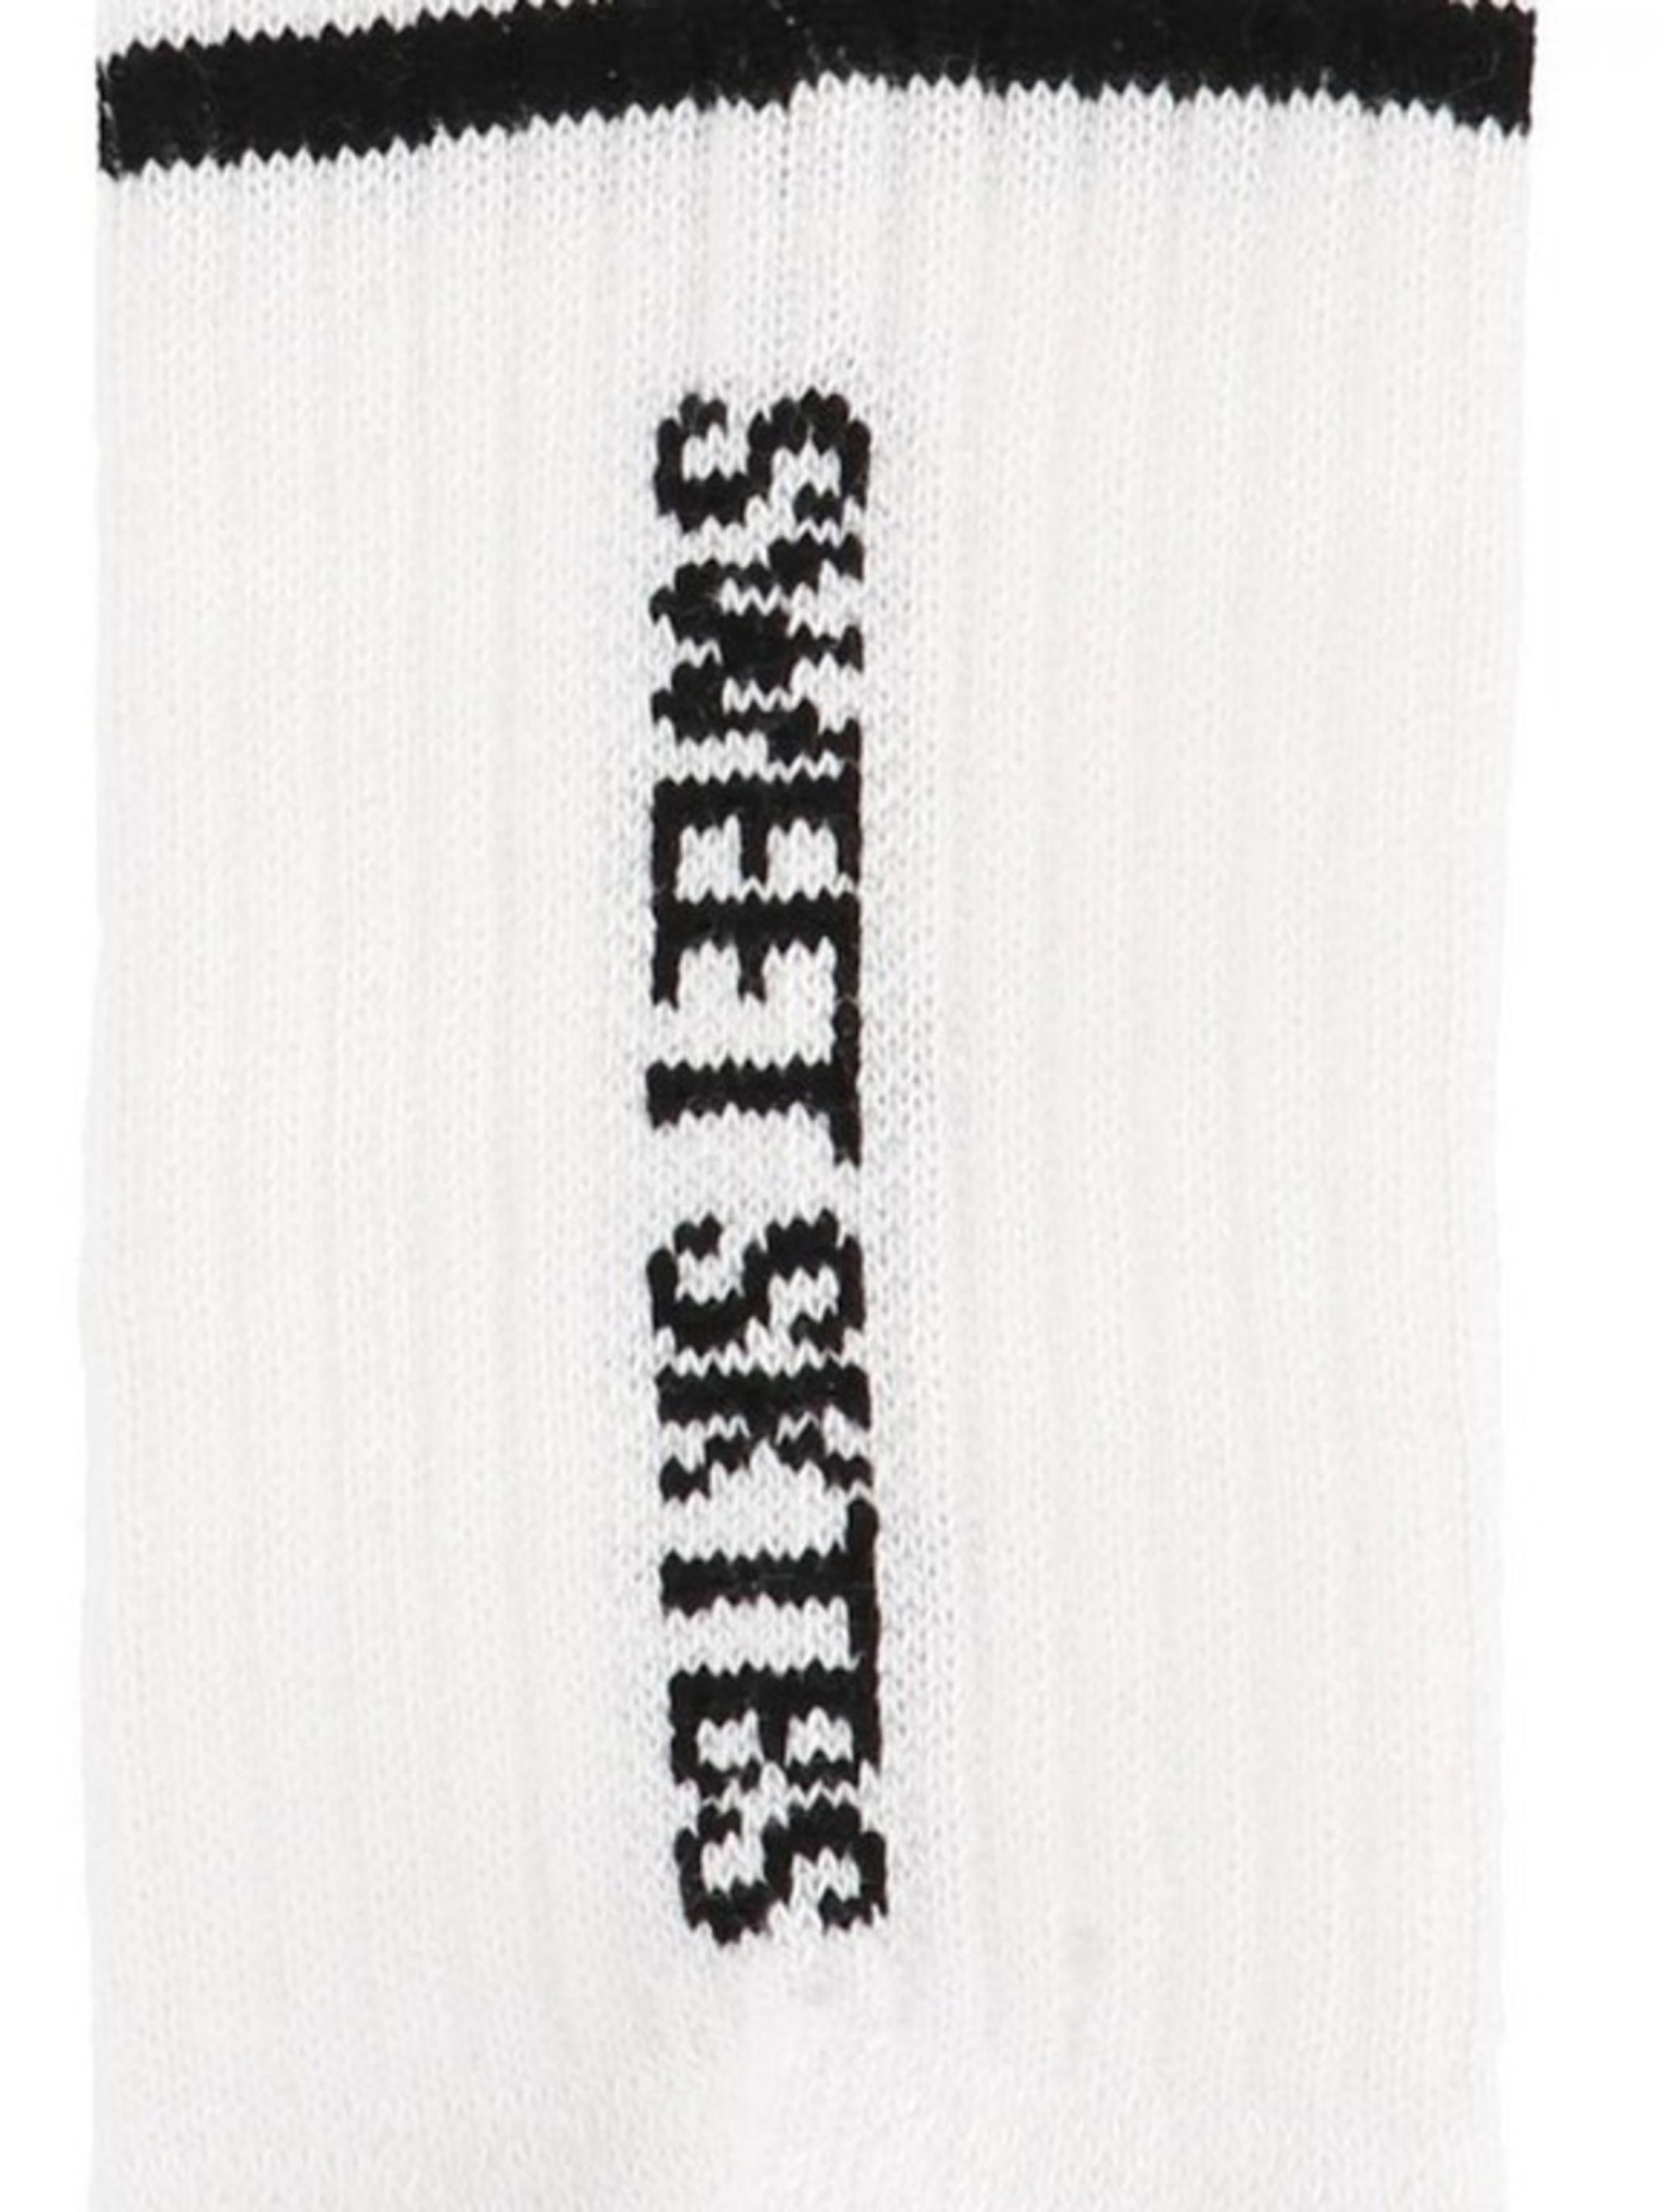 【NEW】SWEET SKTBS Socks Fade 5-pack